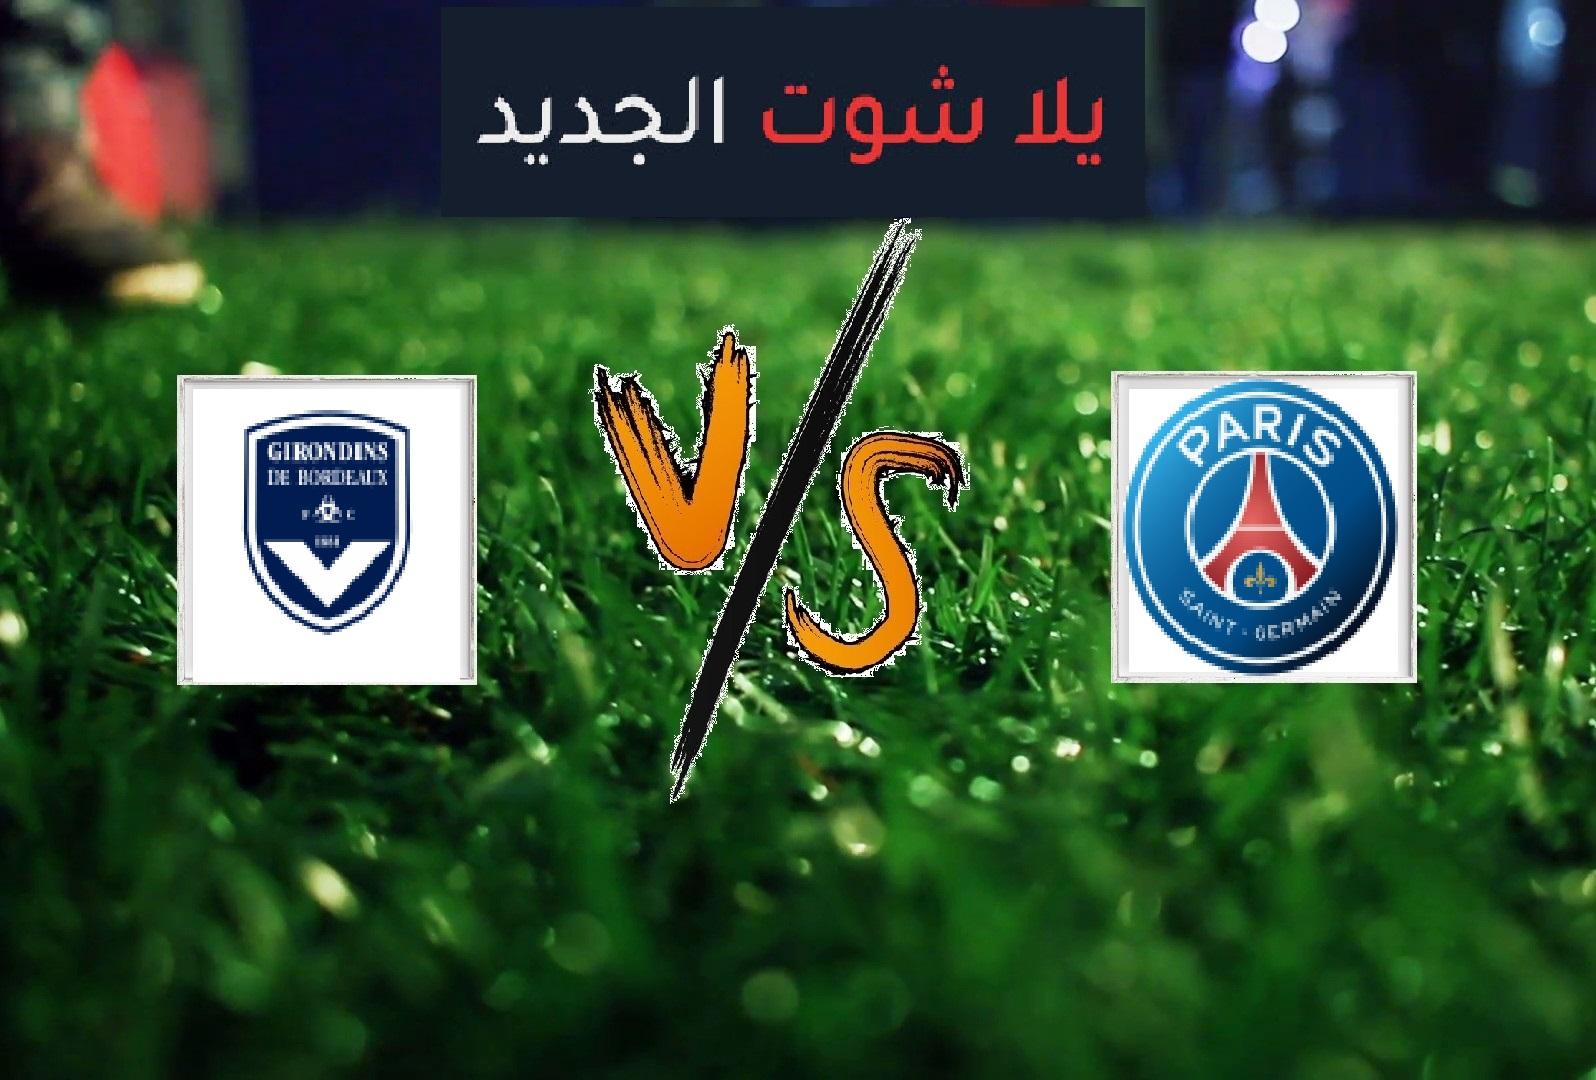 نتيجة مباراة باريس سان جيرمان وبوردو بتاريخ 23-02-2020 الدوري الفرنسي